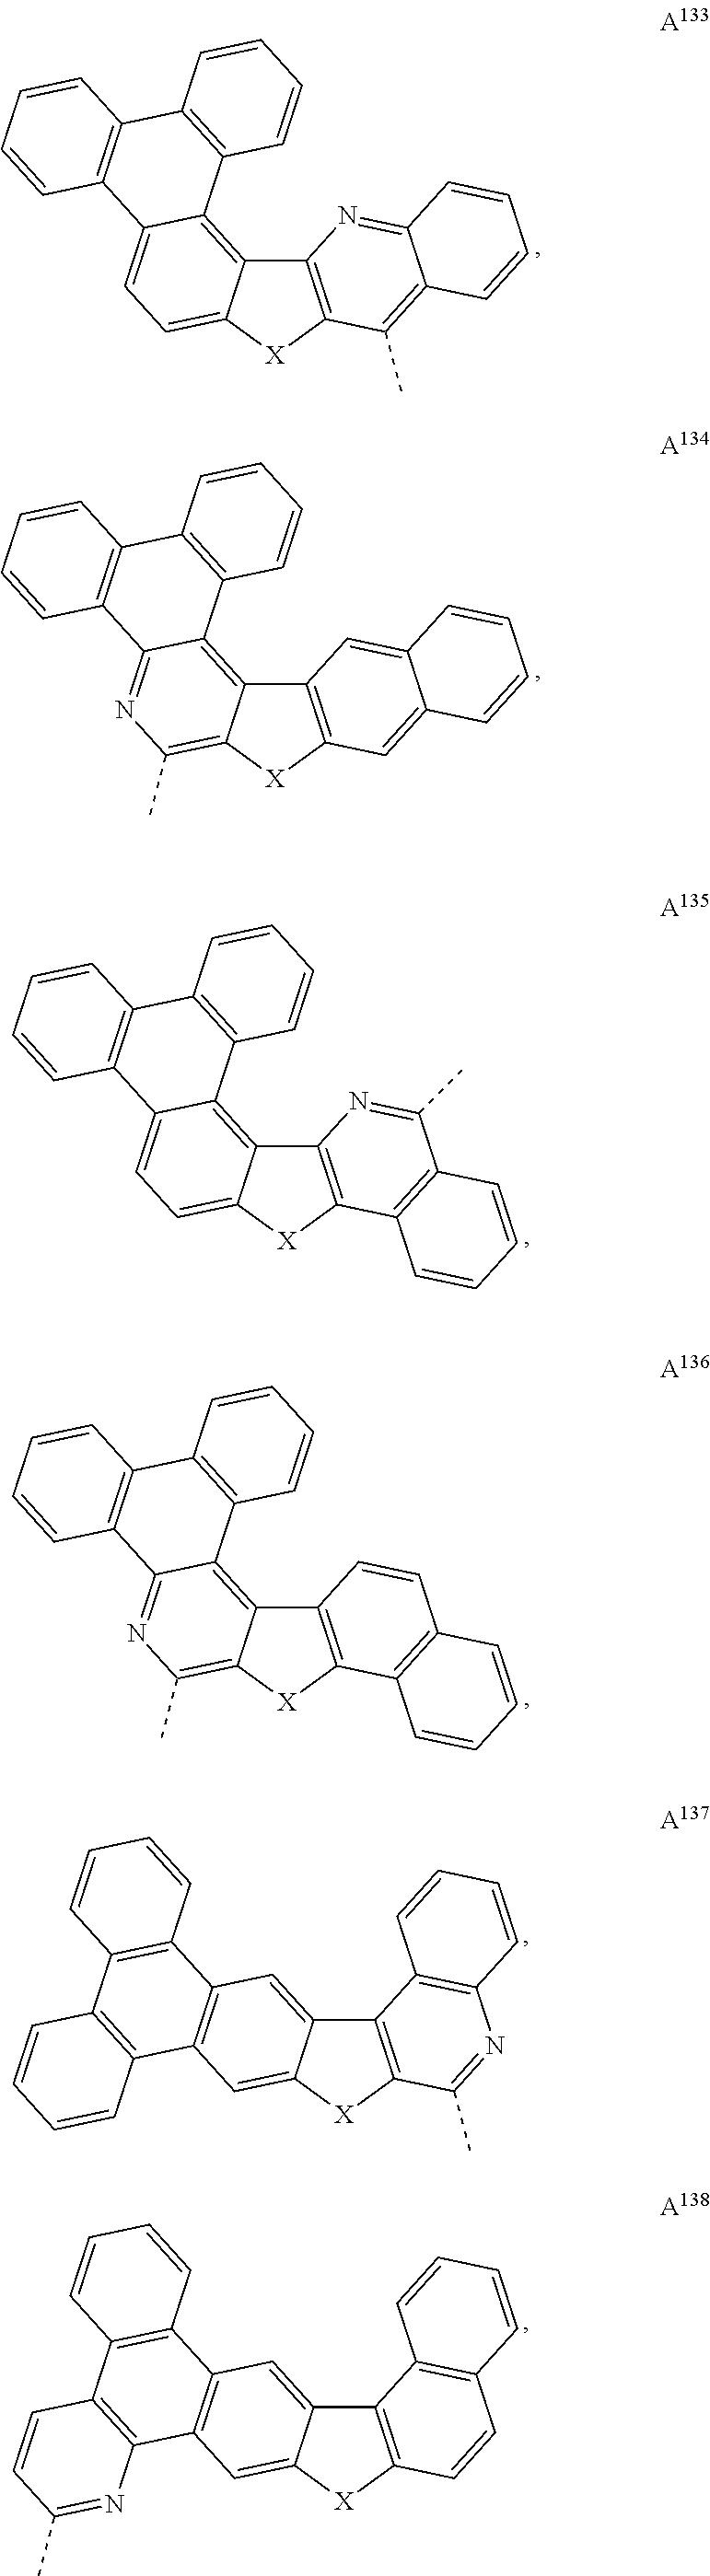 Figure US20170033295A1-20170202-C00032